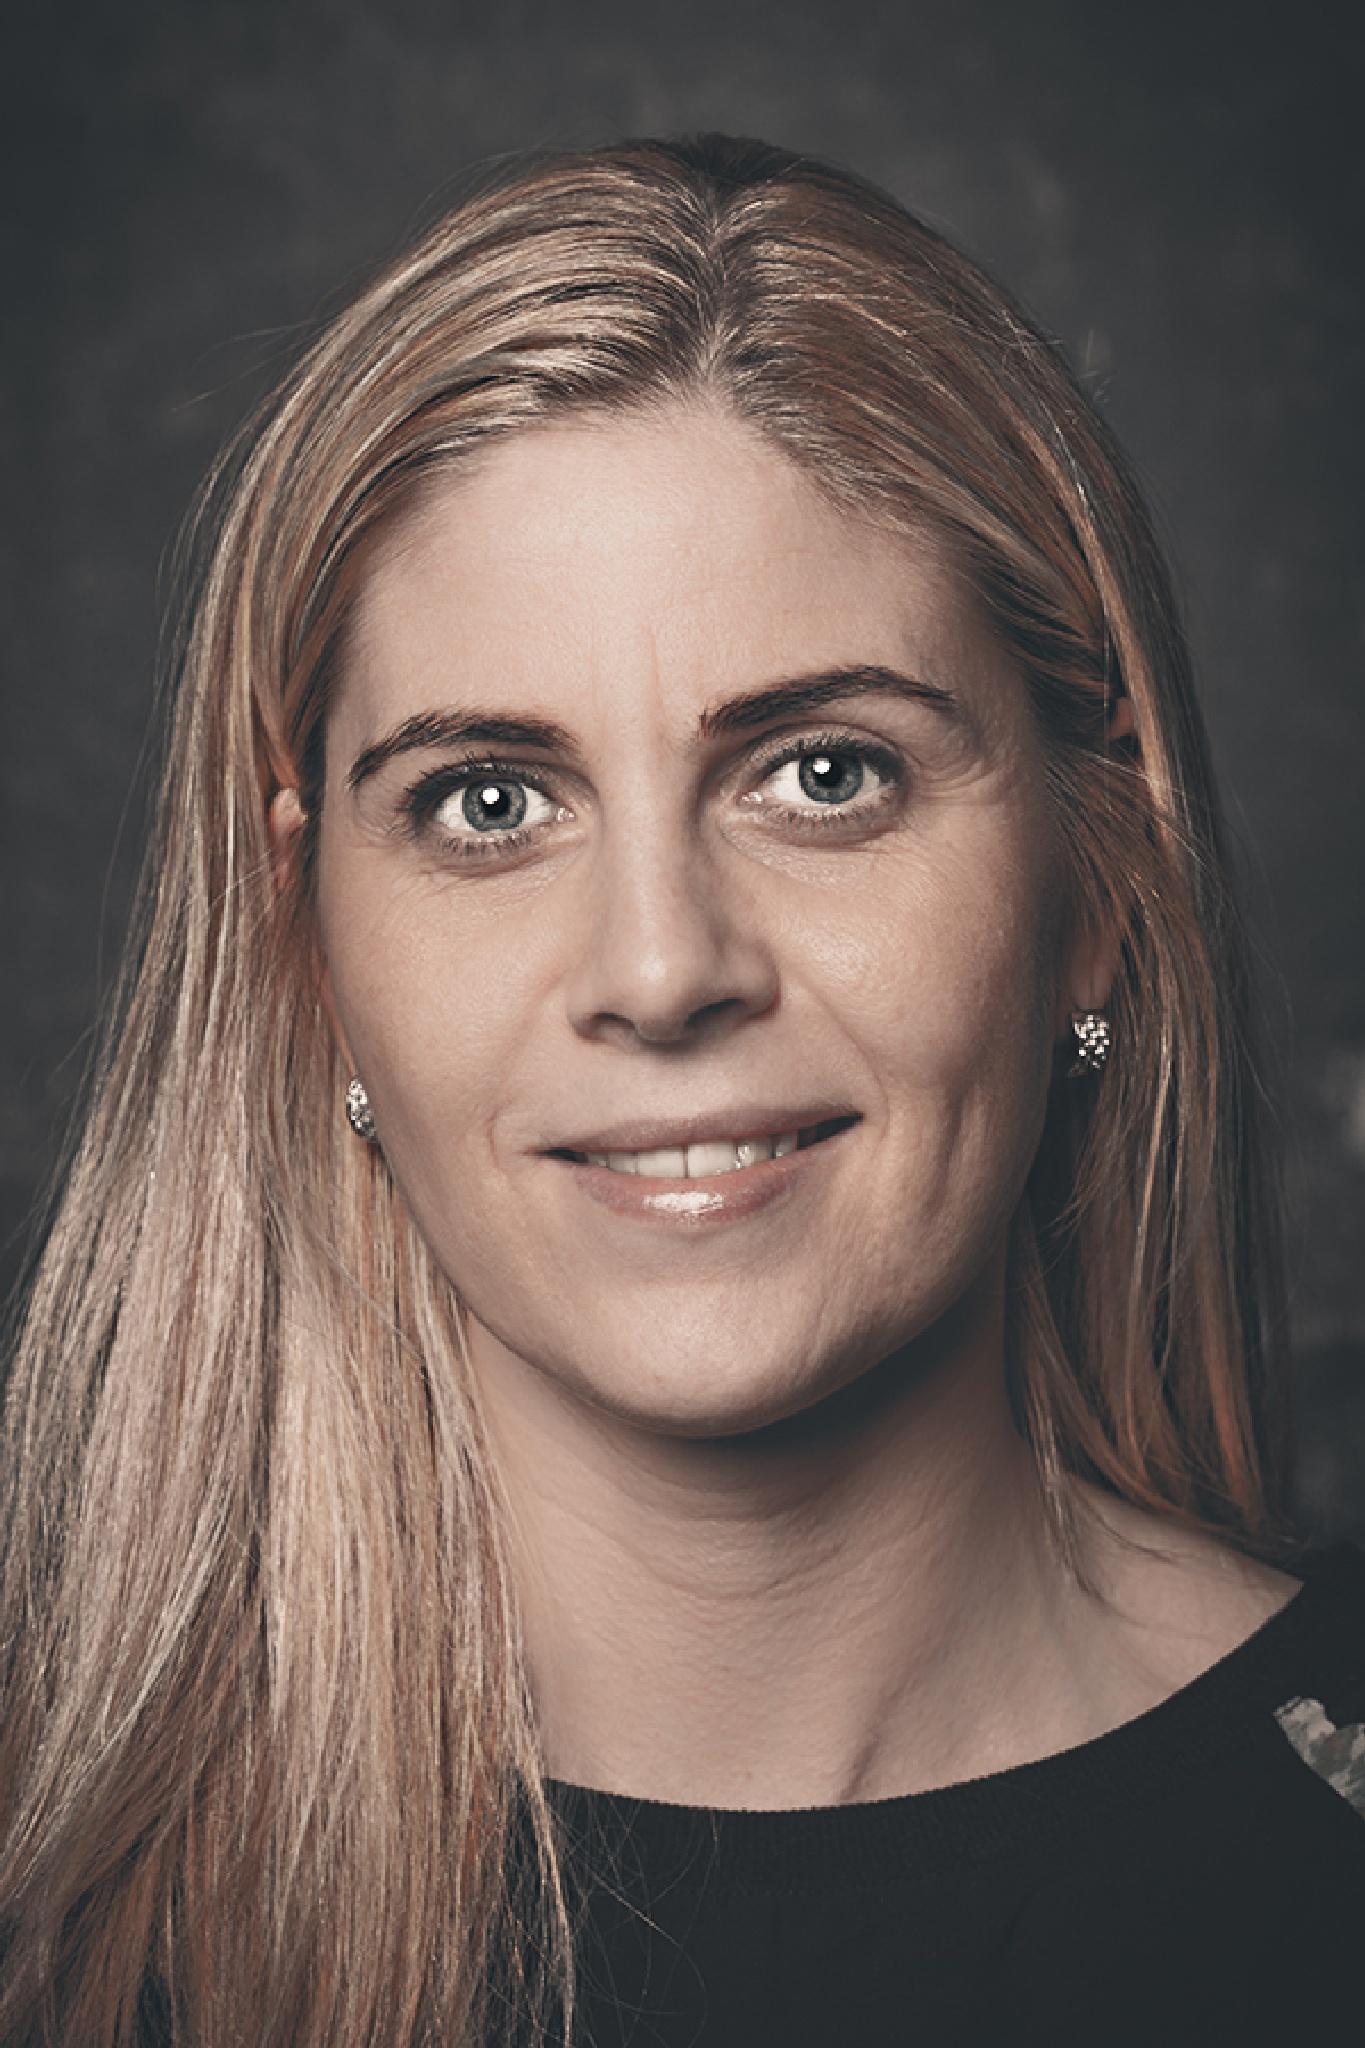 Eva Stefánsdóttir by Bjorgvin Gudmundsson